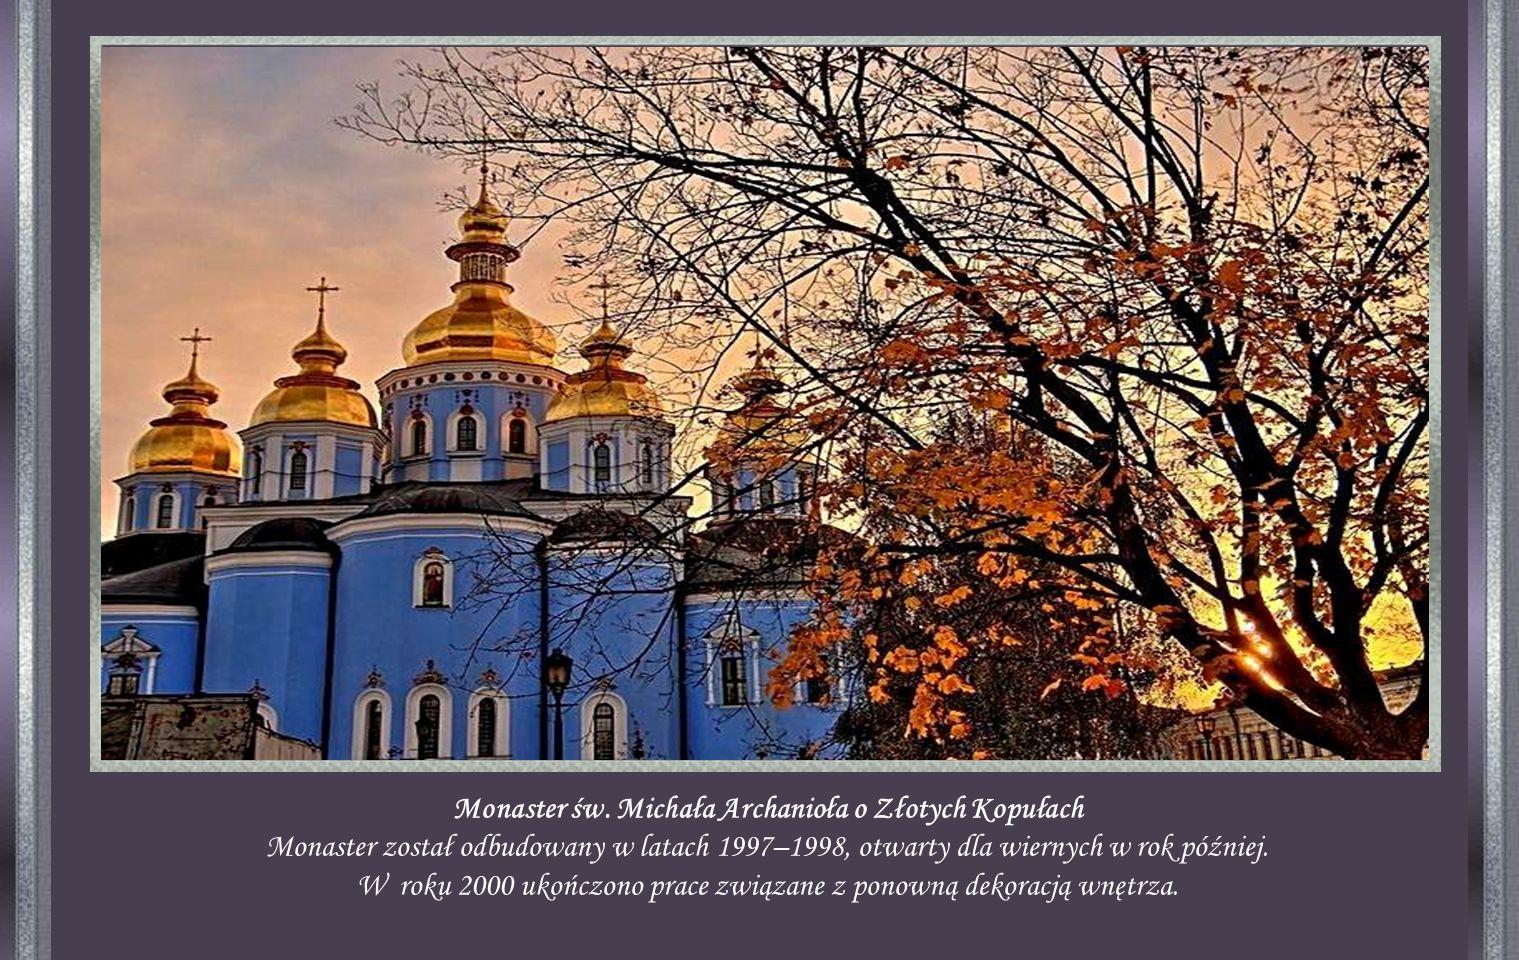 Budowę obecnego kompleksu budynków sakralnych zapoczątkował Światopełk II a rozbudowa nastąpiła w XVIII wieku.